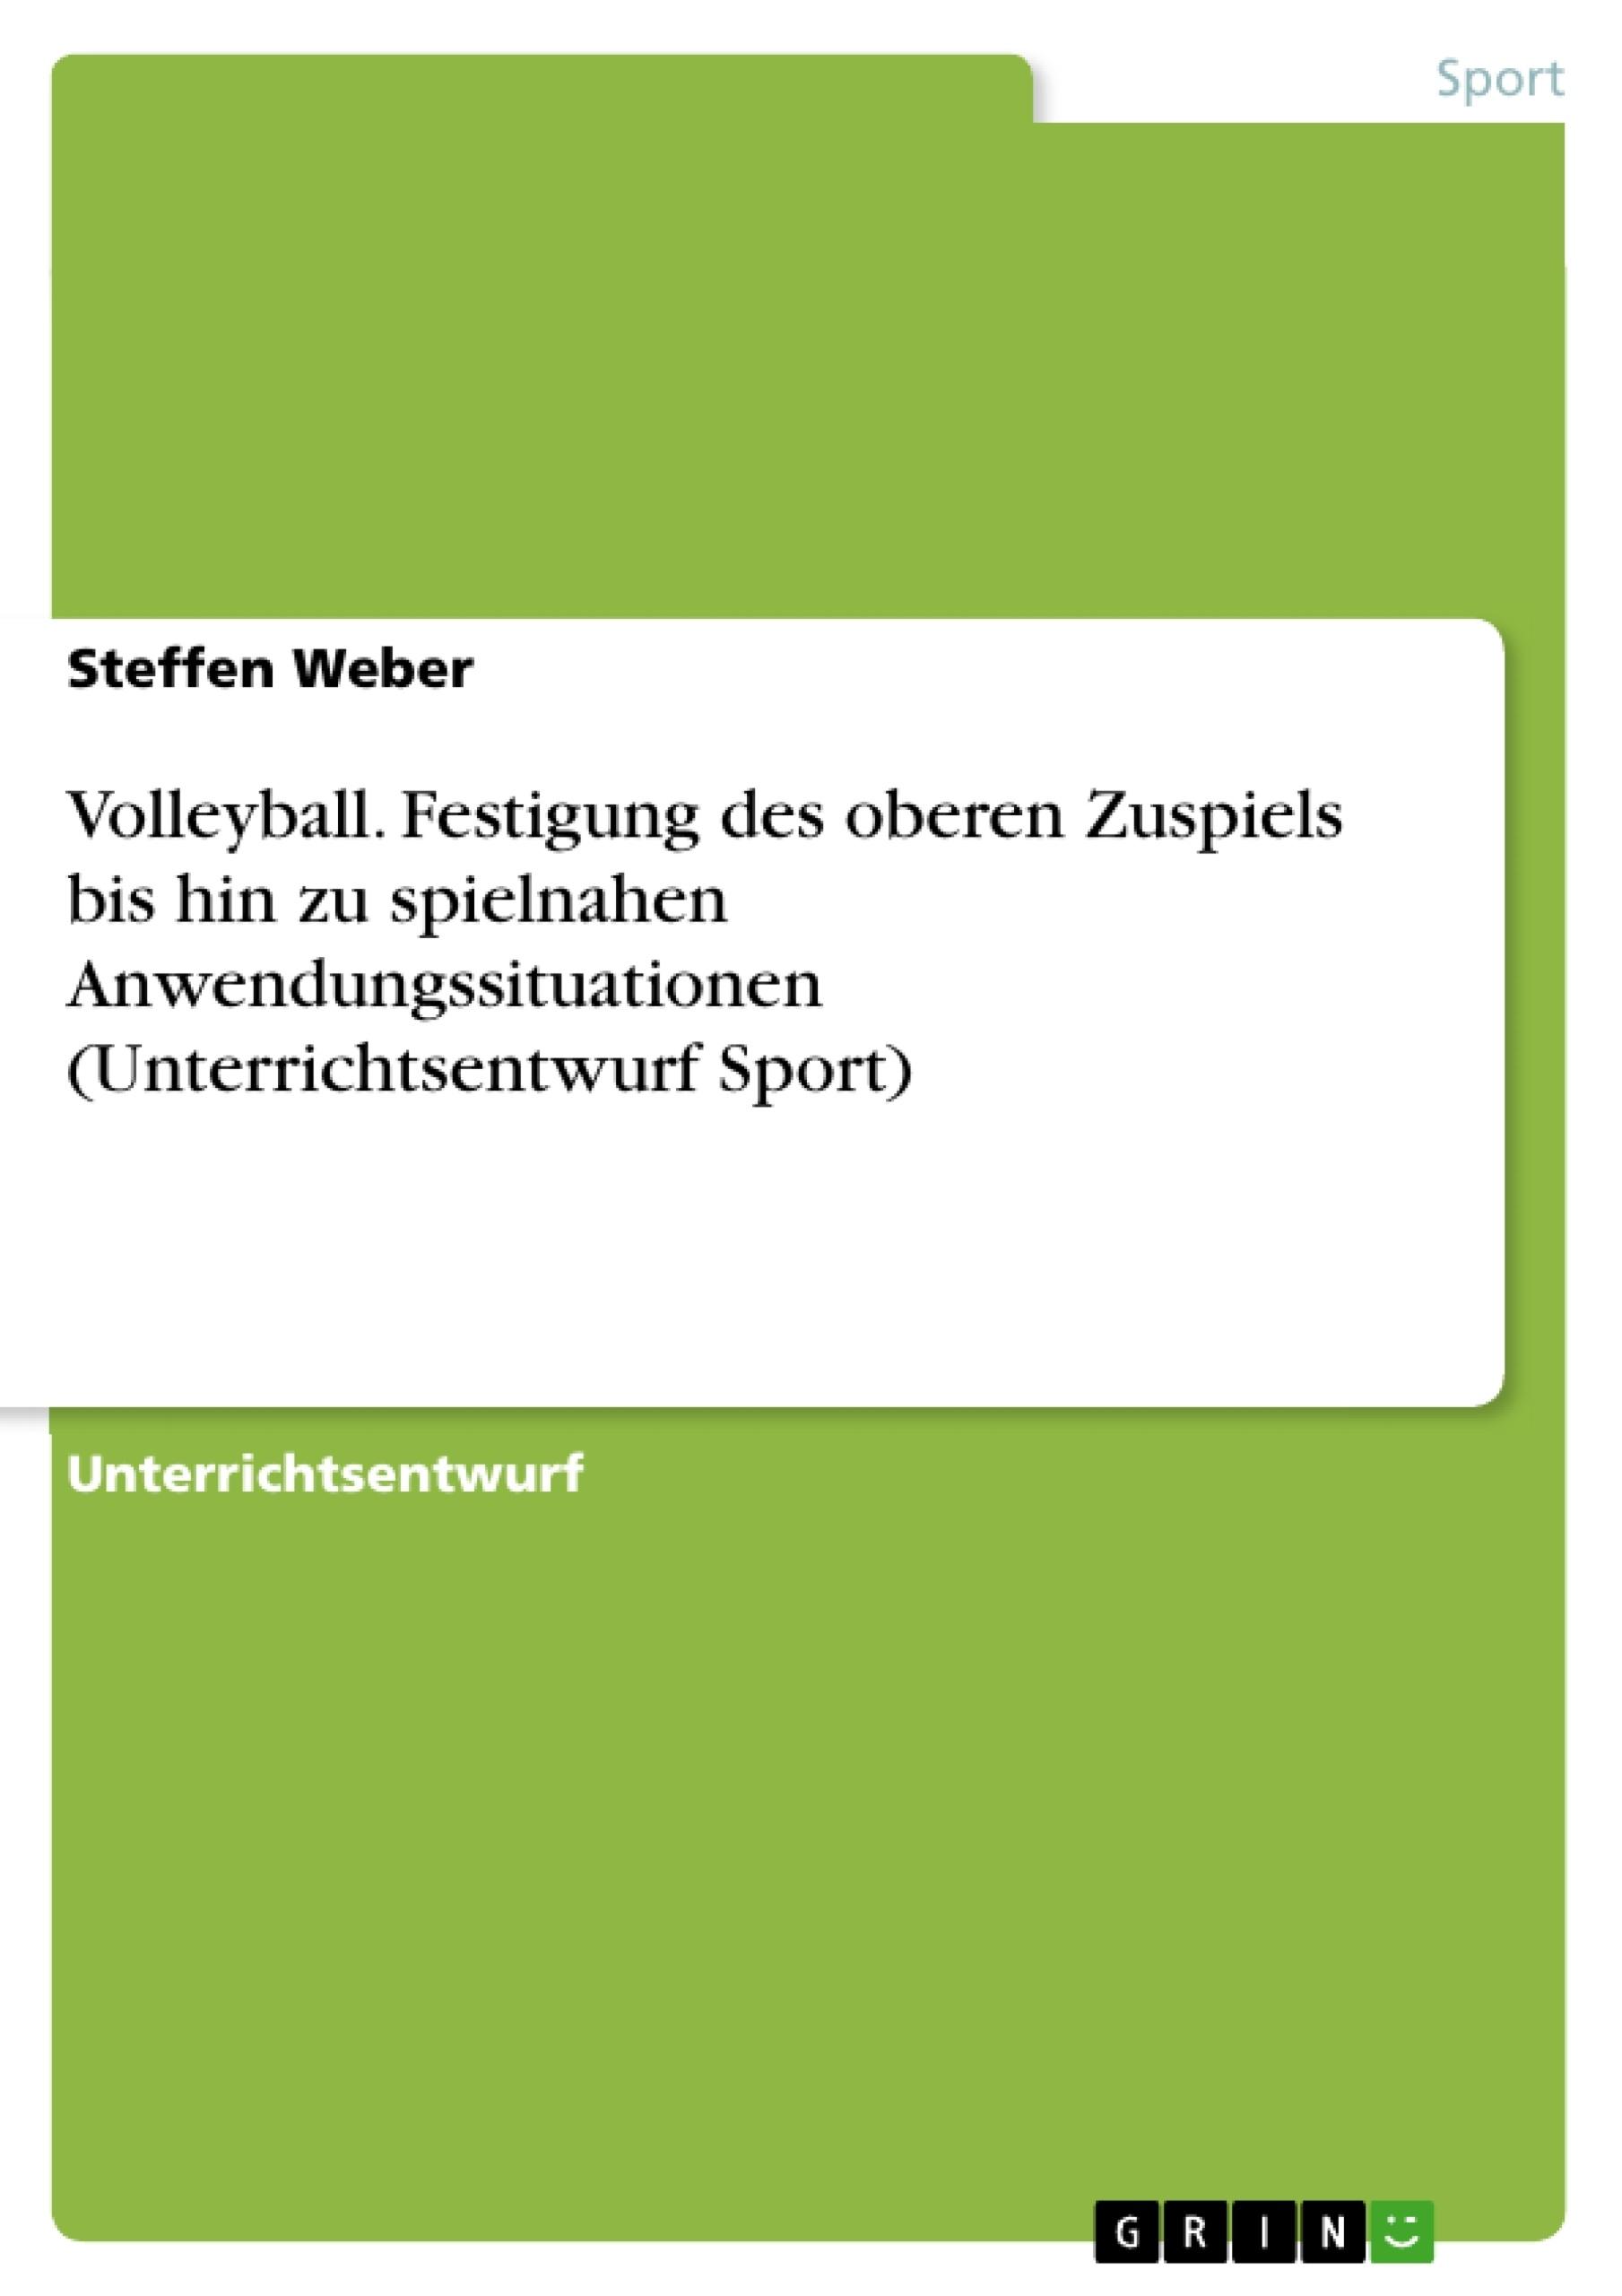 Titel: Volleyball. Festigung des oberen Zuspiels bis hin zu spielnahen Anwendungssituationen (Unterrichtsentwurf Sport)